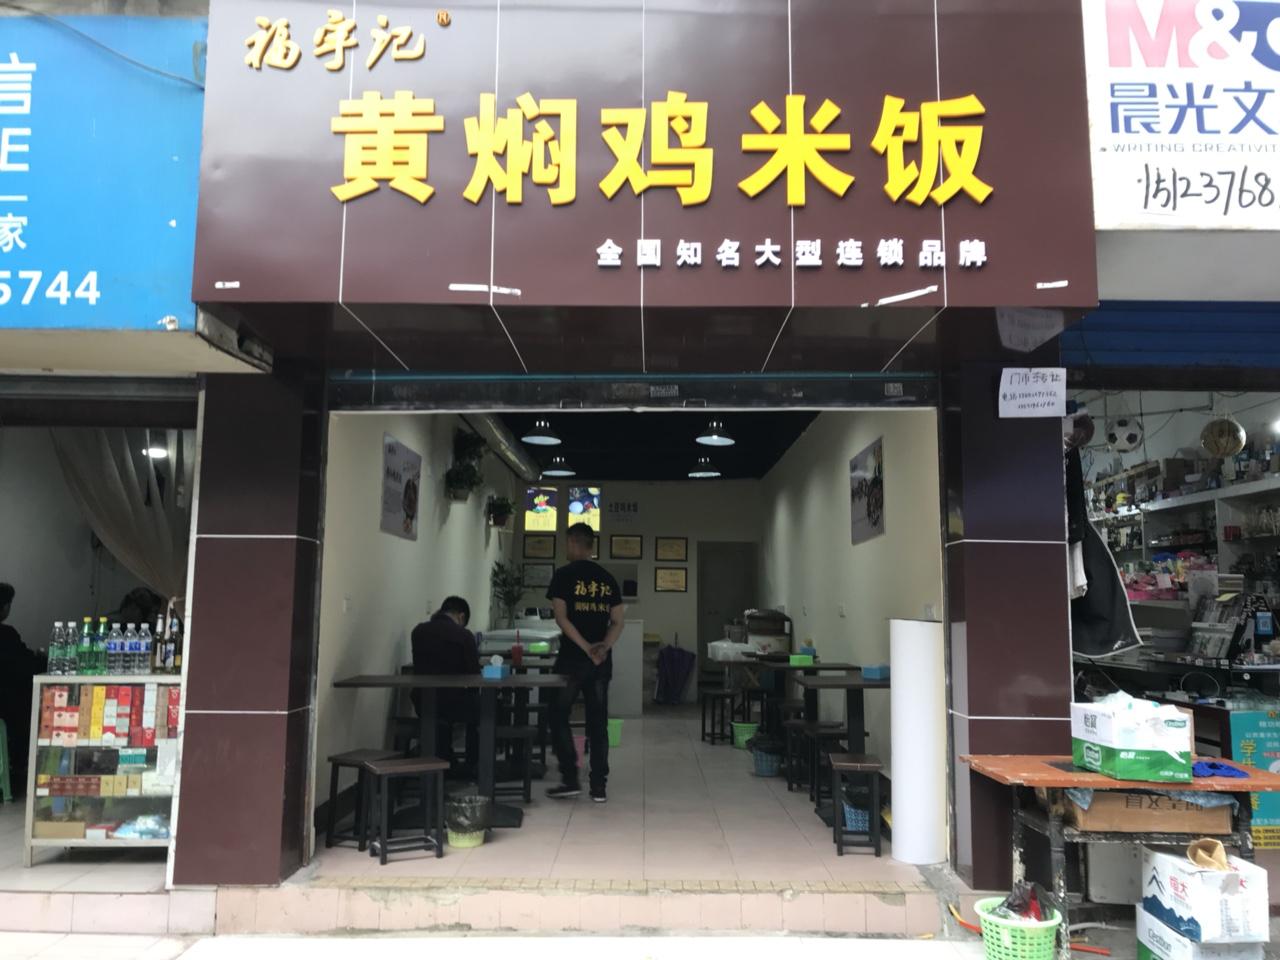 福宇记黄焖鸡米饭强势入驻邻水县